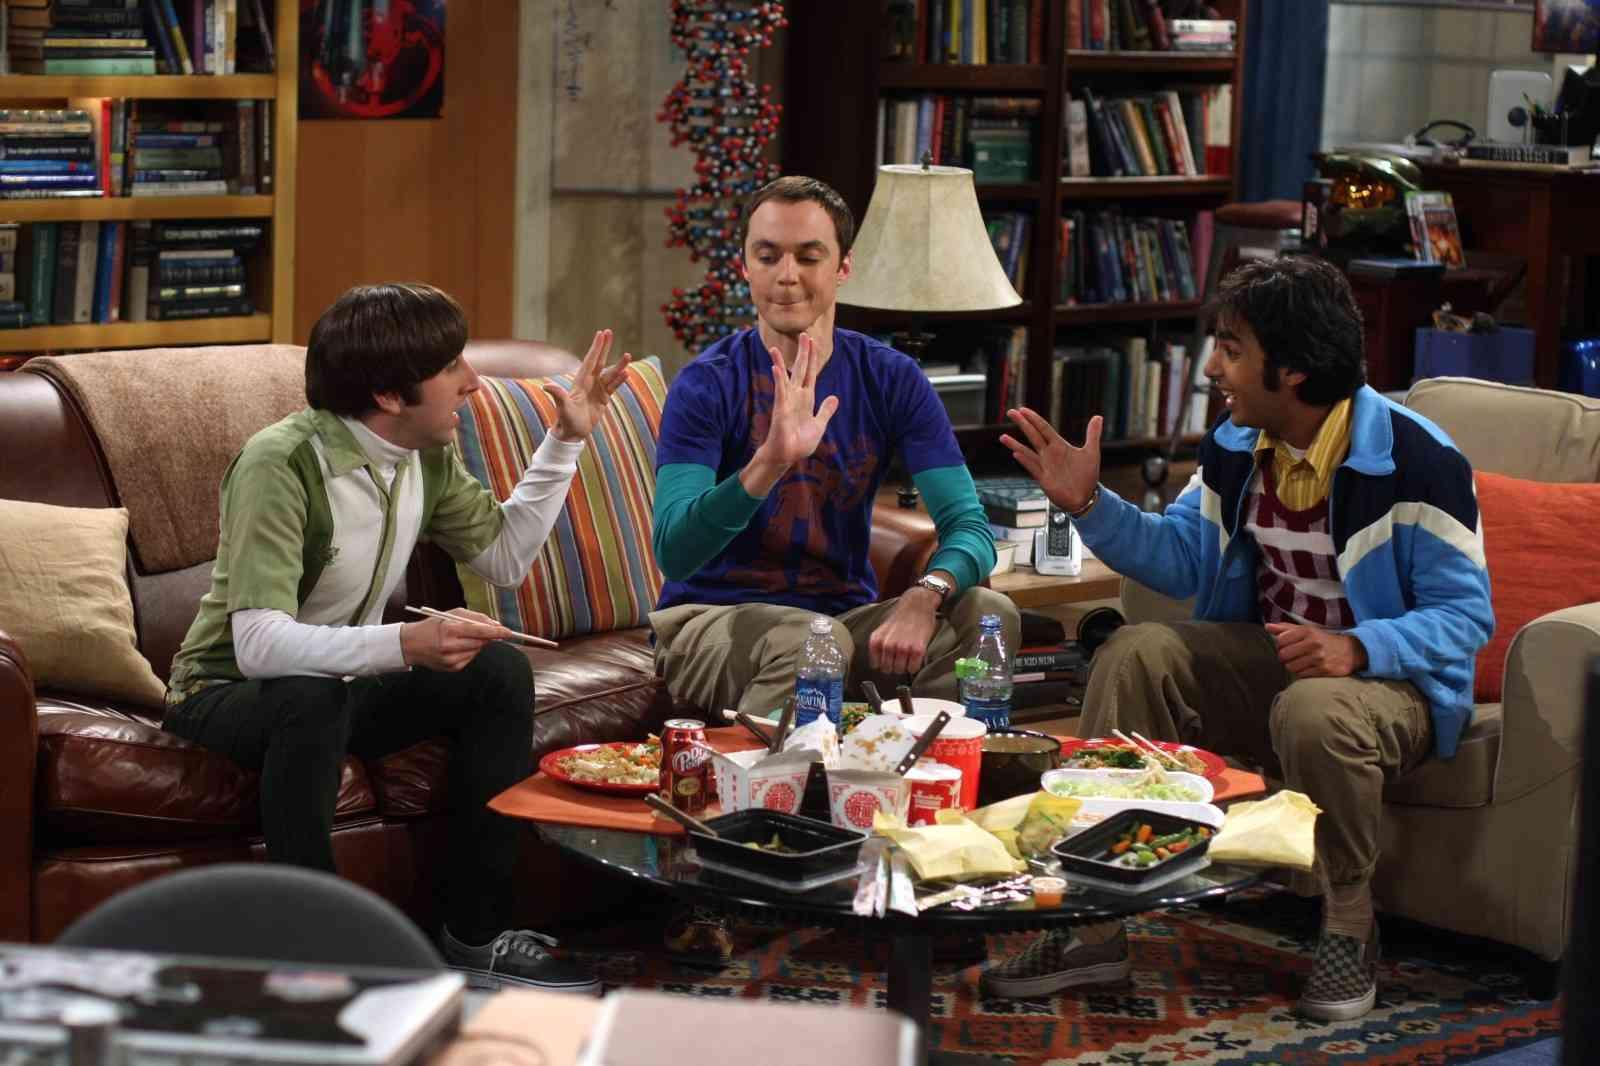 Descubre el menú semanal que comerías si fueras amigo de Sheldon Cooper 1